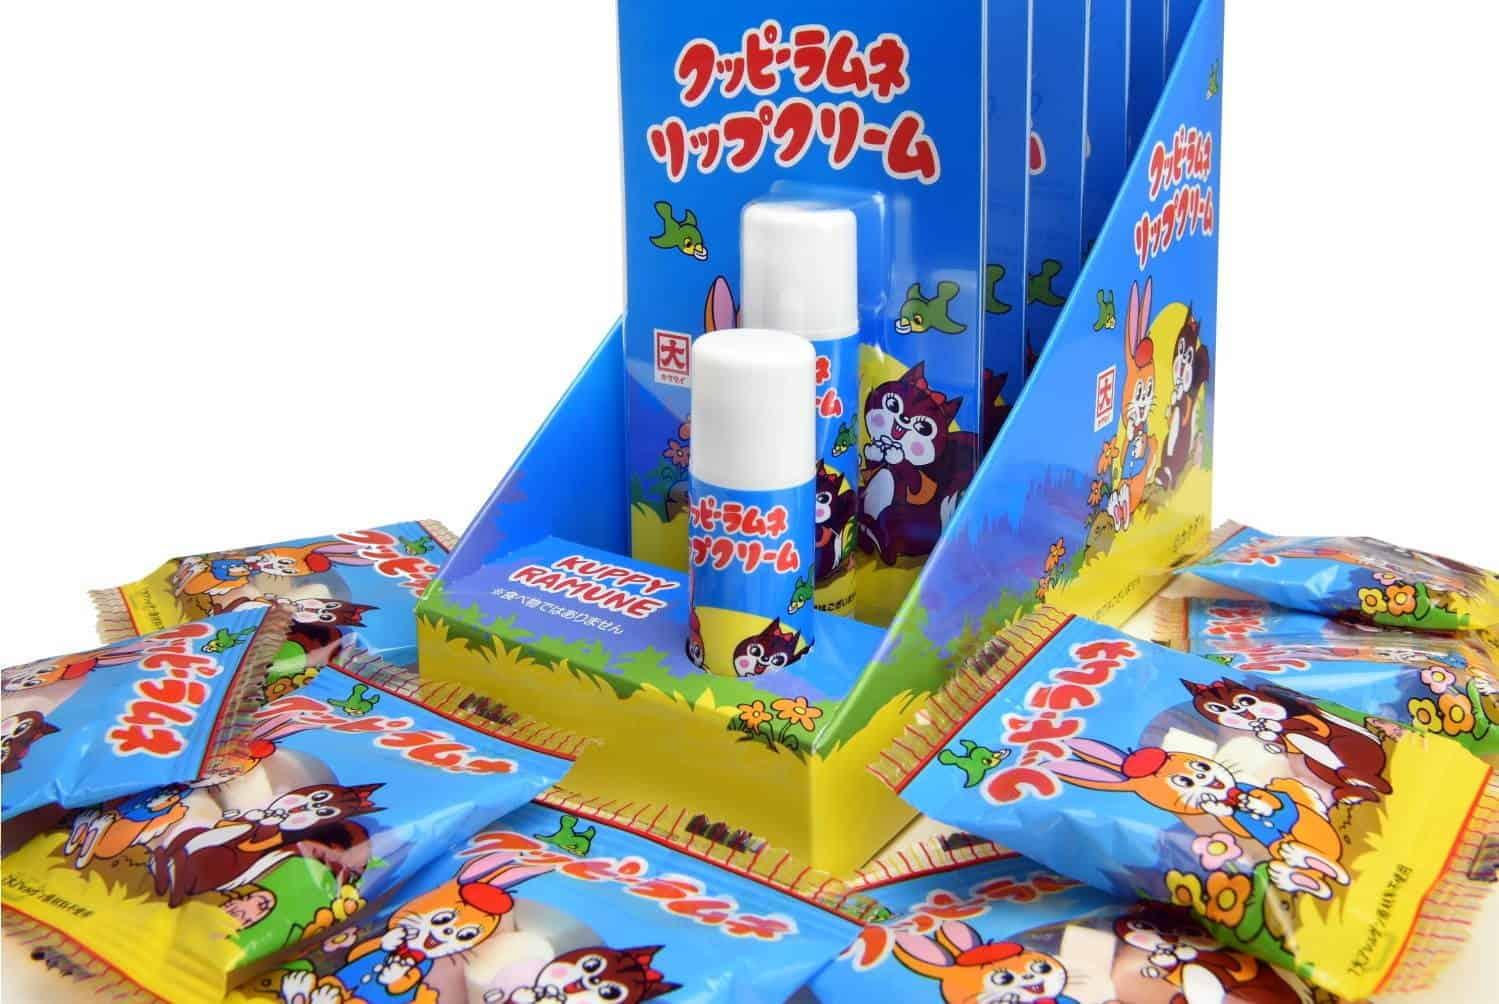 Kuppy Ramune Lip Cream ลิปบาล์ม ดี ญี่ปุ่น